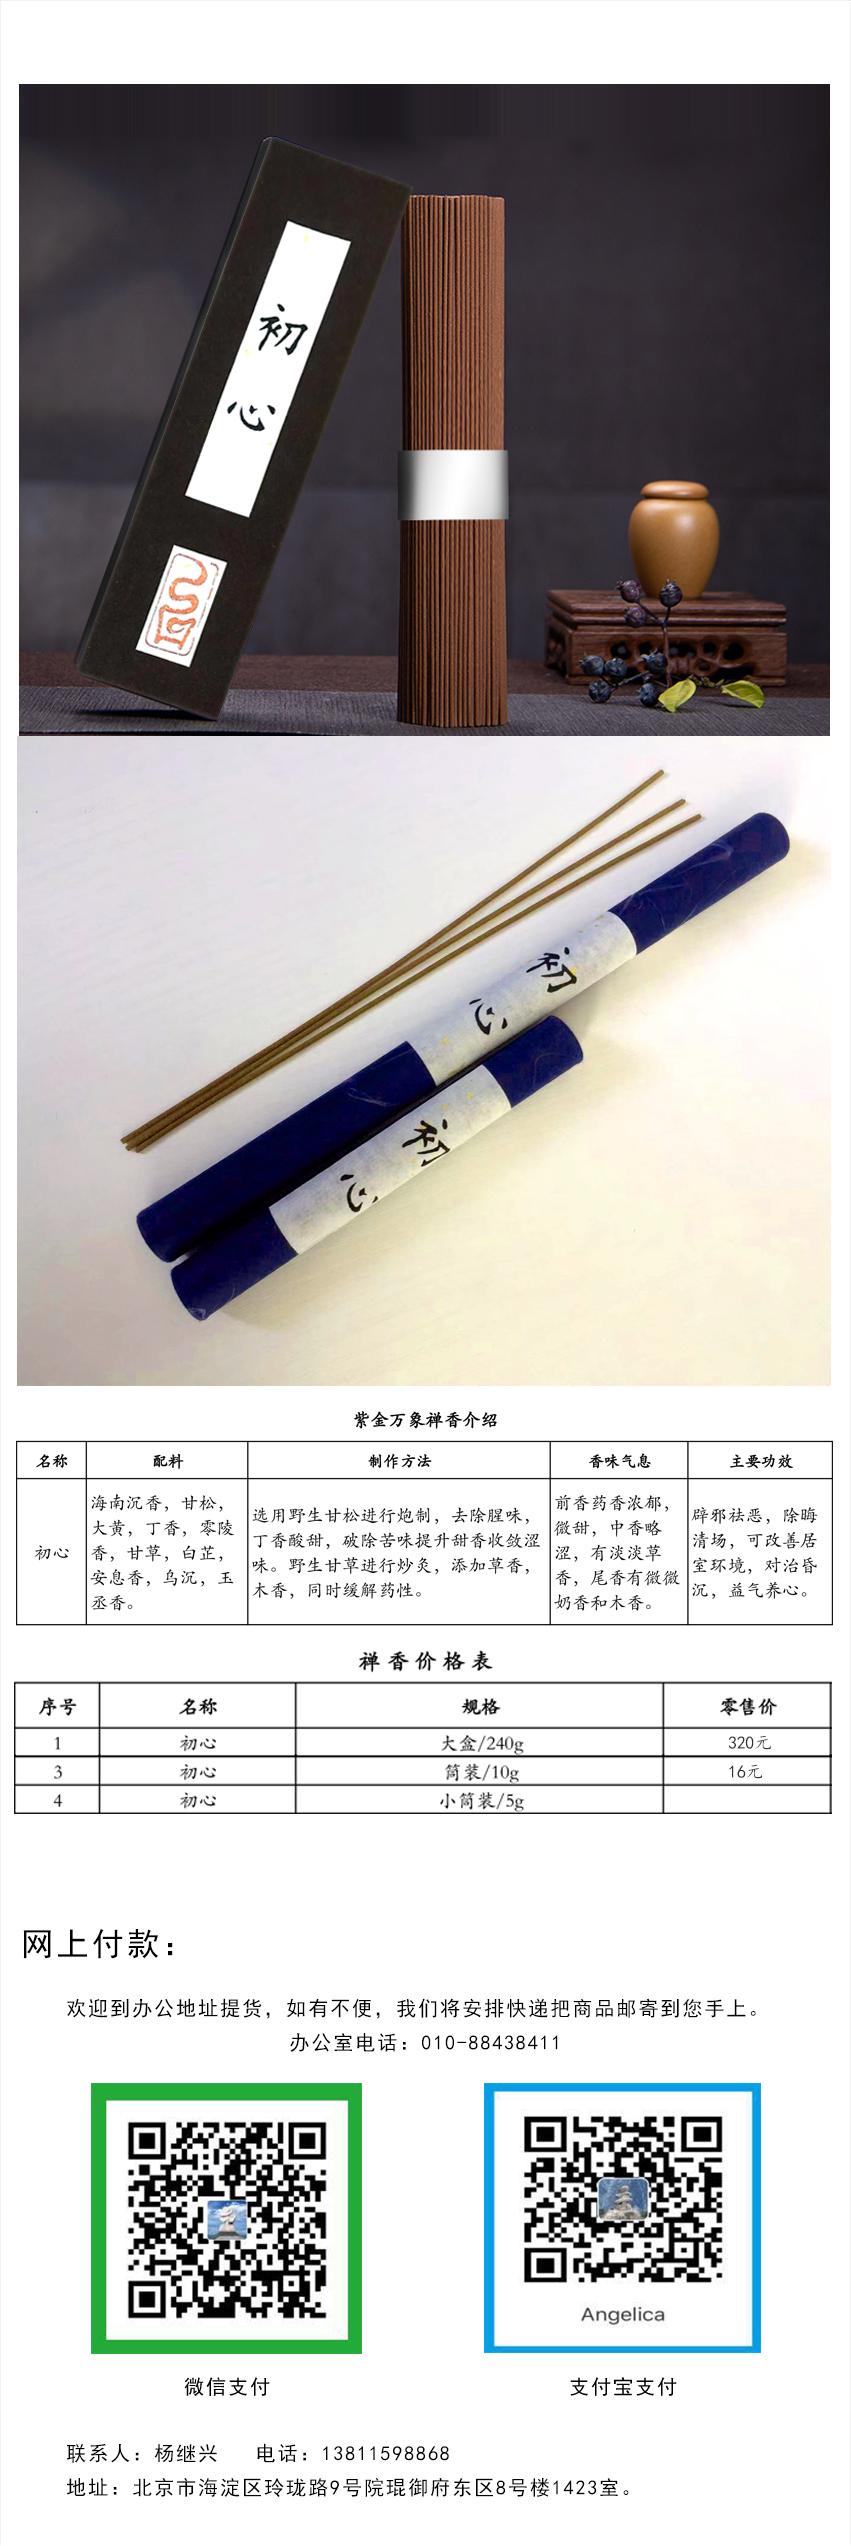 21-紫金万象首页推荐(初心系列香).jpg